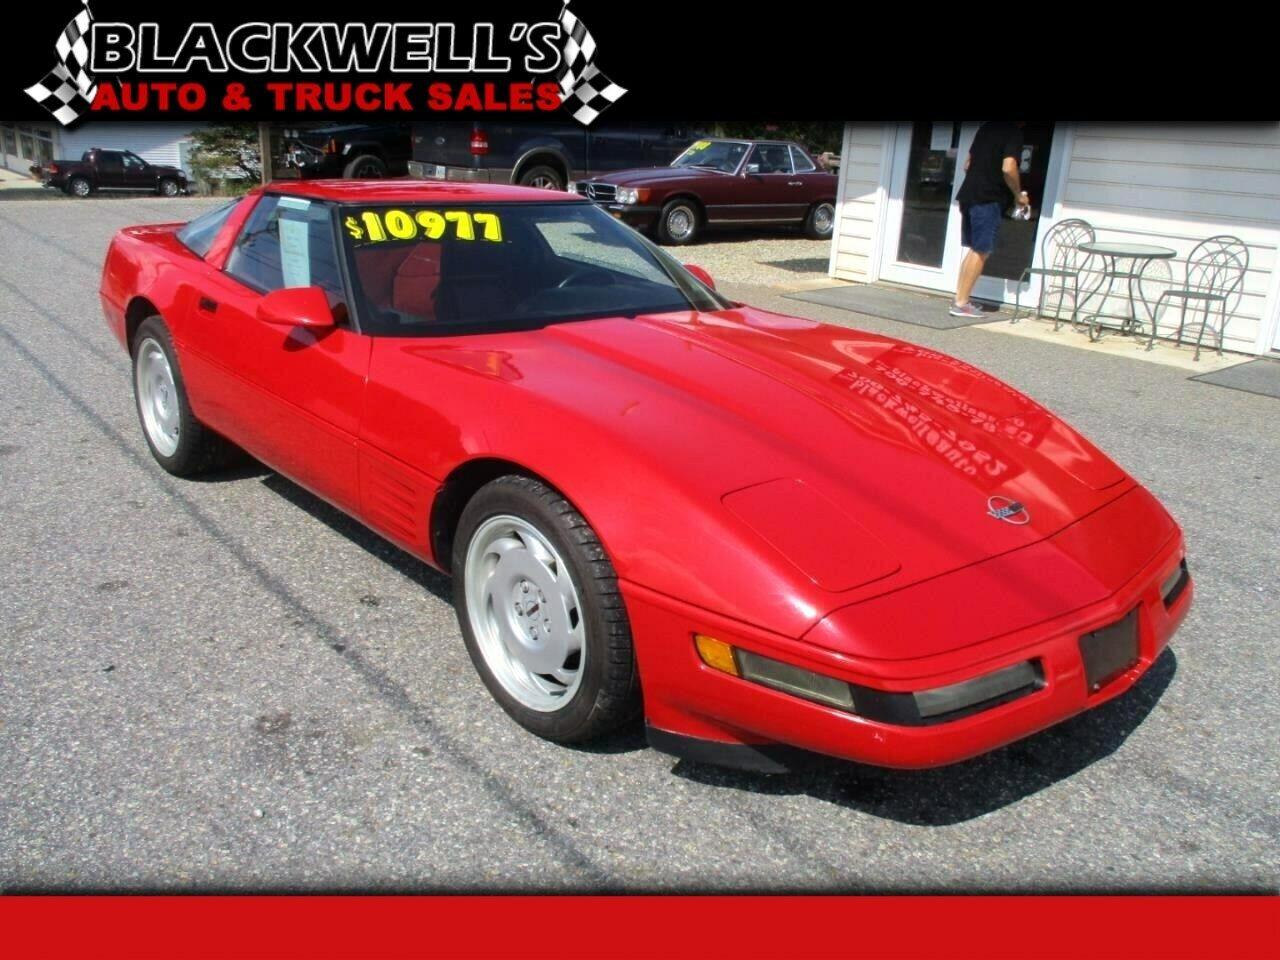 1991 Red Chevrolet Corvette Coupe    C4 Corvette Photo 1